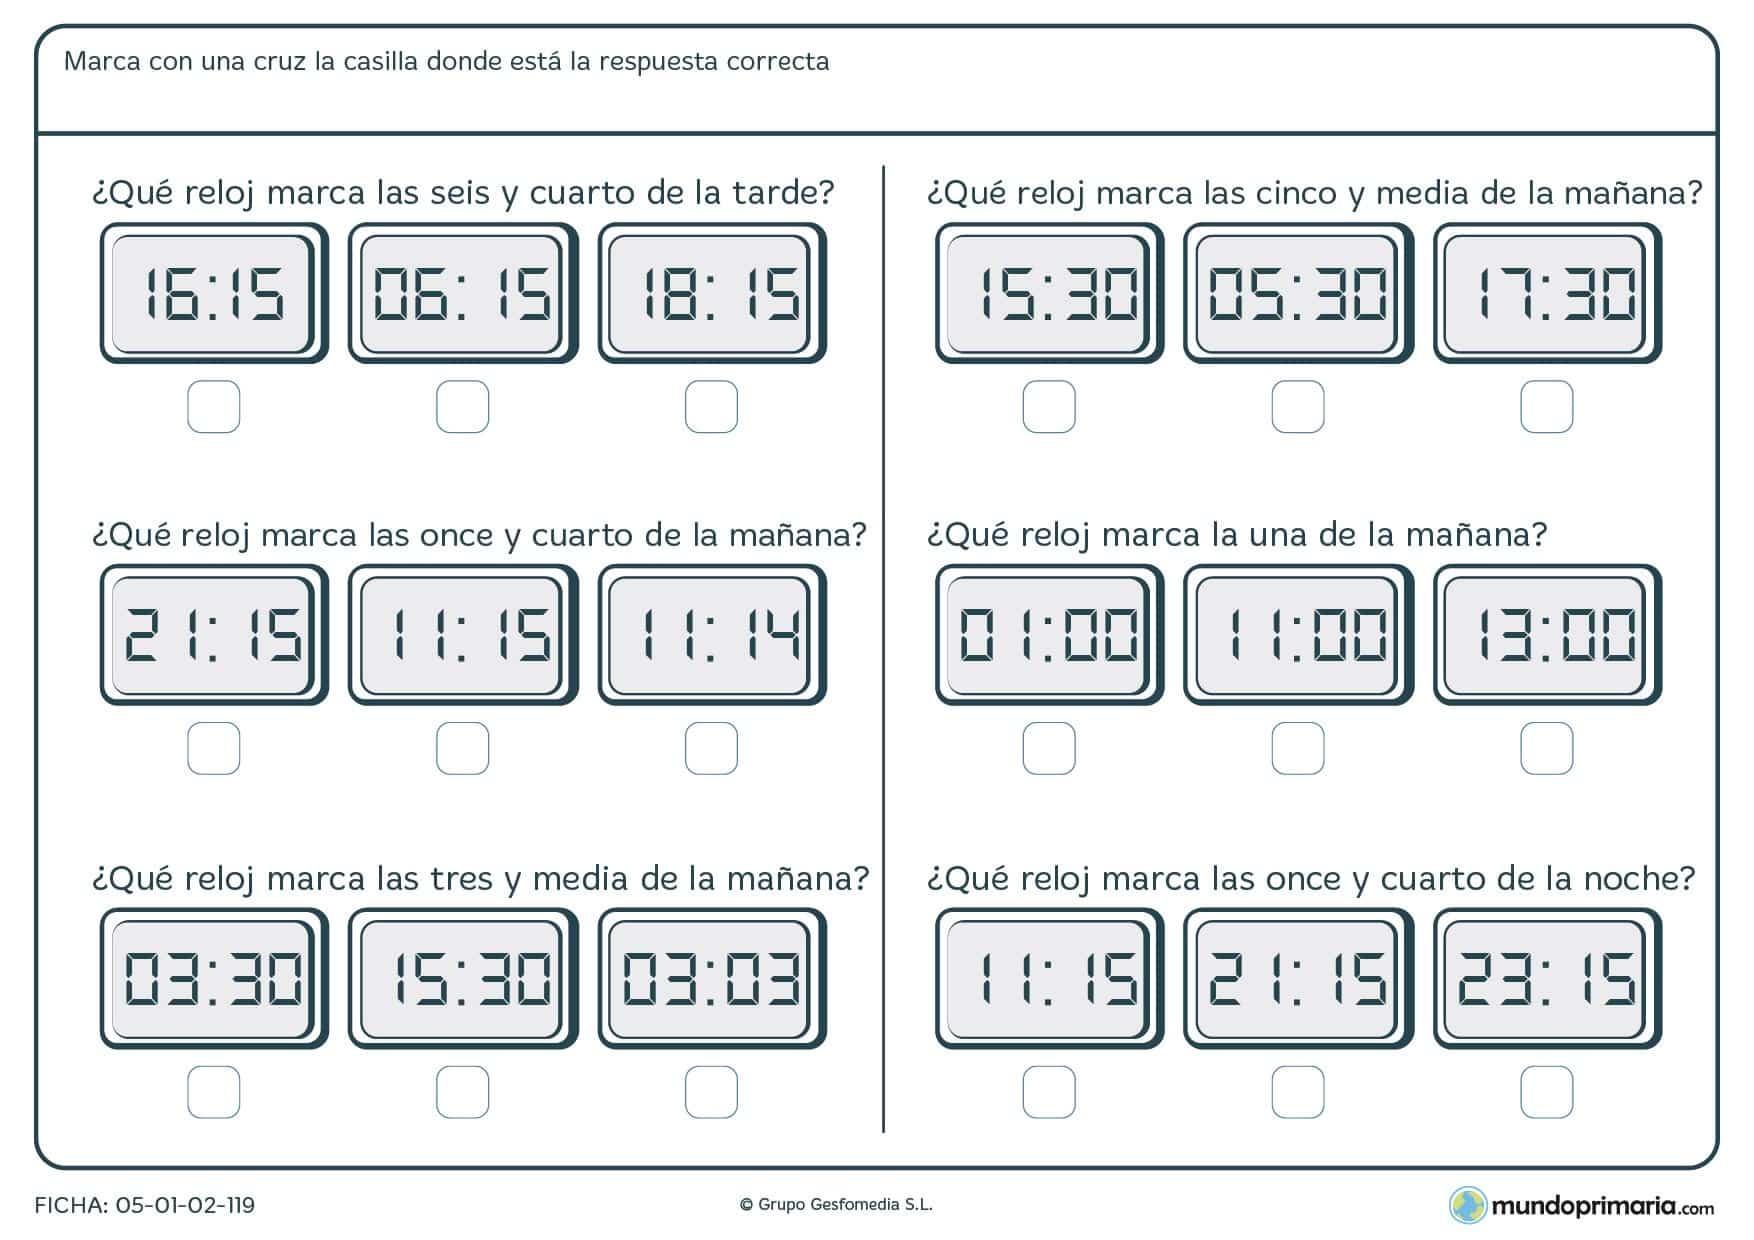 Ficha de lectura de horas. Hay que señalar el reloj digital que indica la hora correcta que te mostramos.